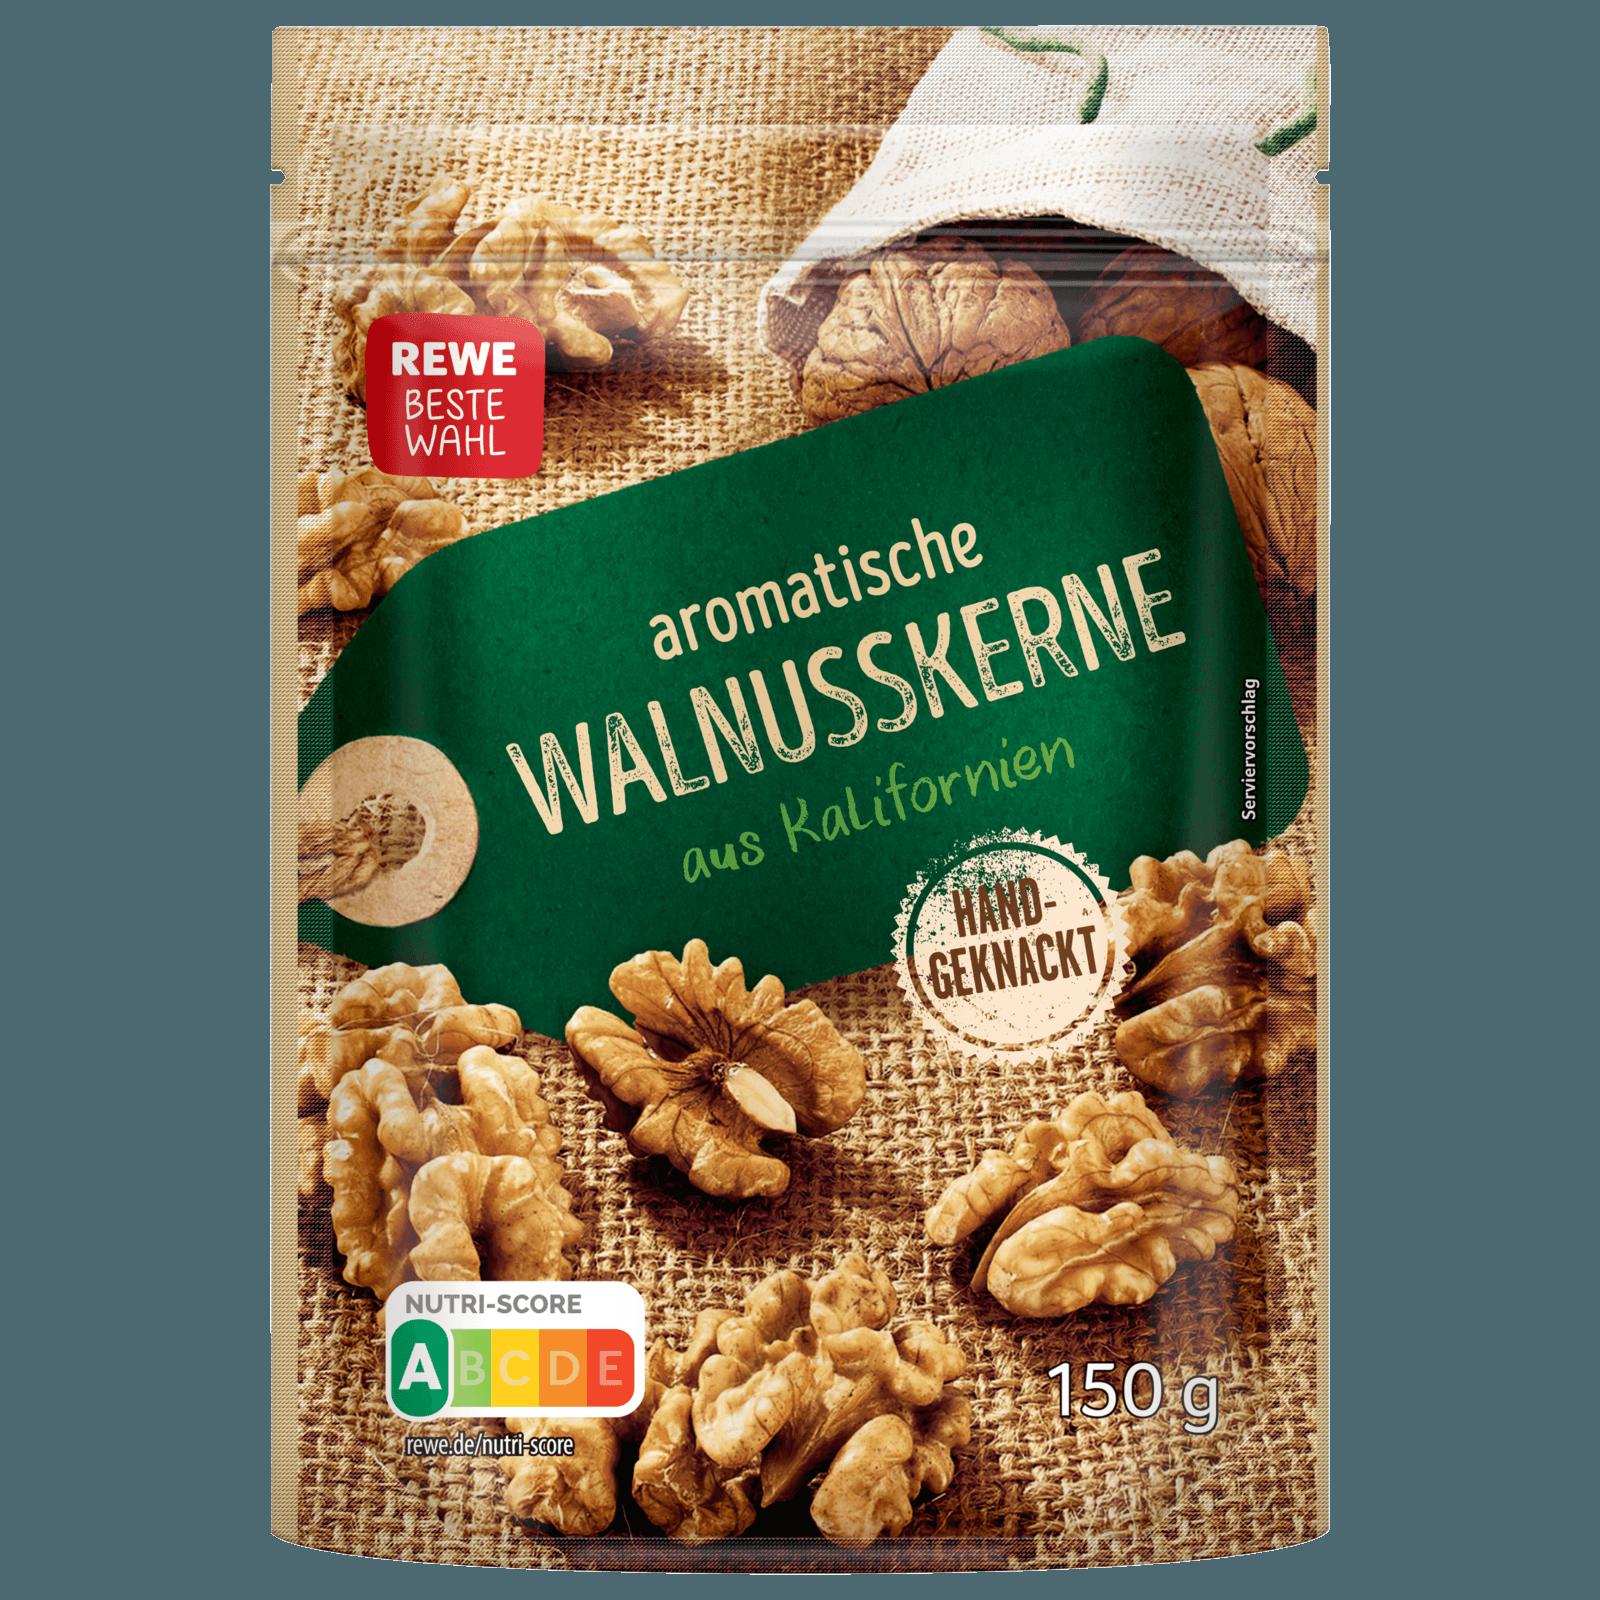 Geliebte REWE Beste Wahl aromatische Walnüsse 150g bei REWE online bestellen! &HL_98